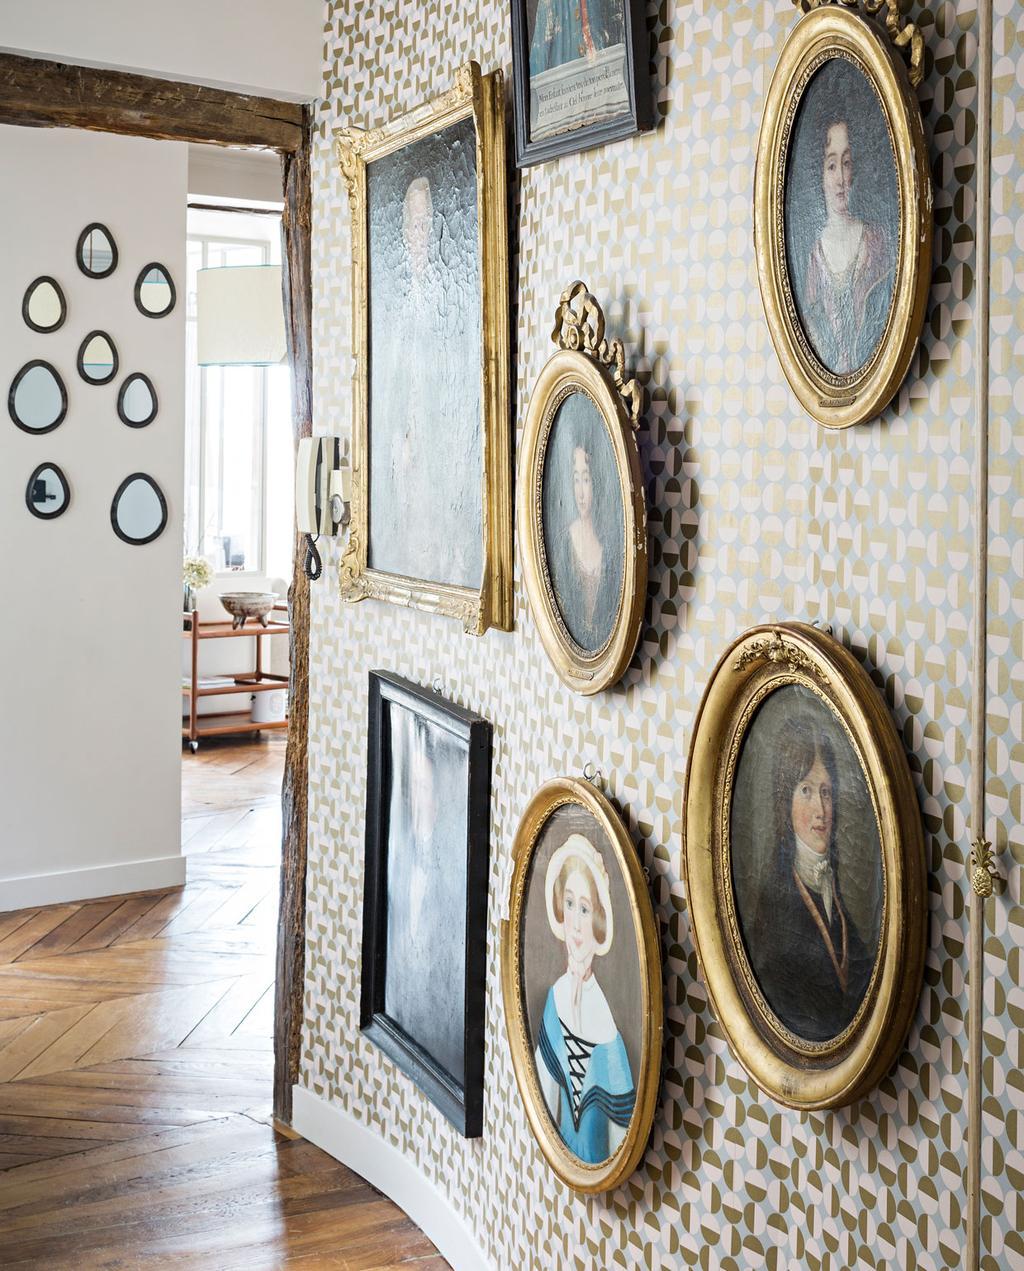 vtwonen 10-2019 | lijsten schilderijen goud hal Parijs appartment